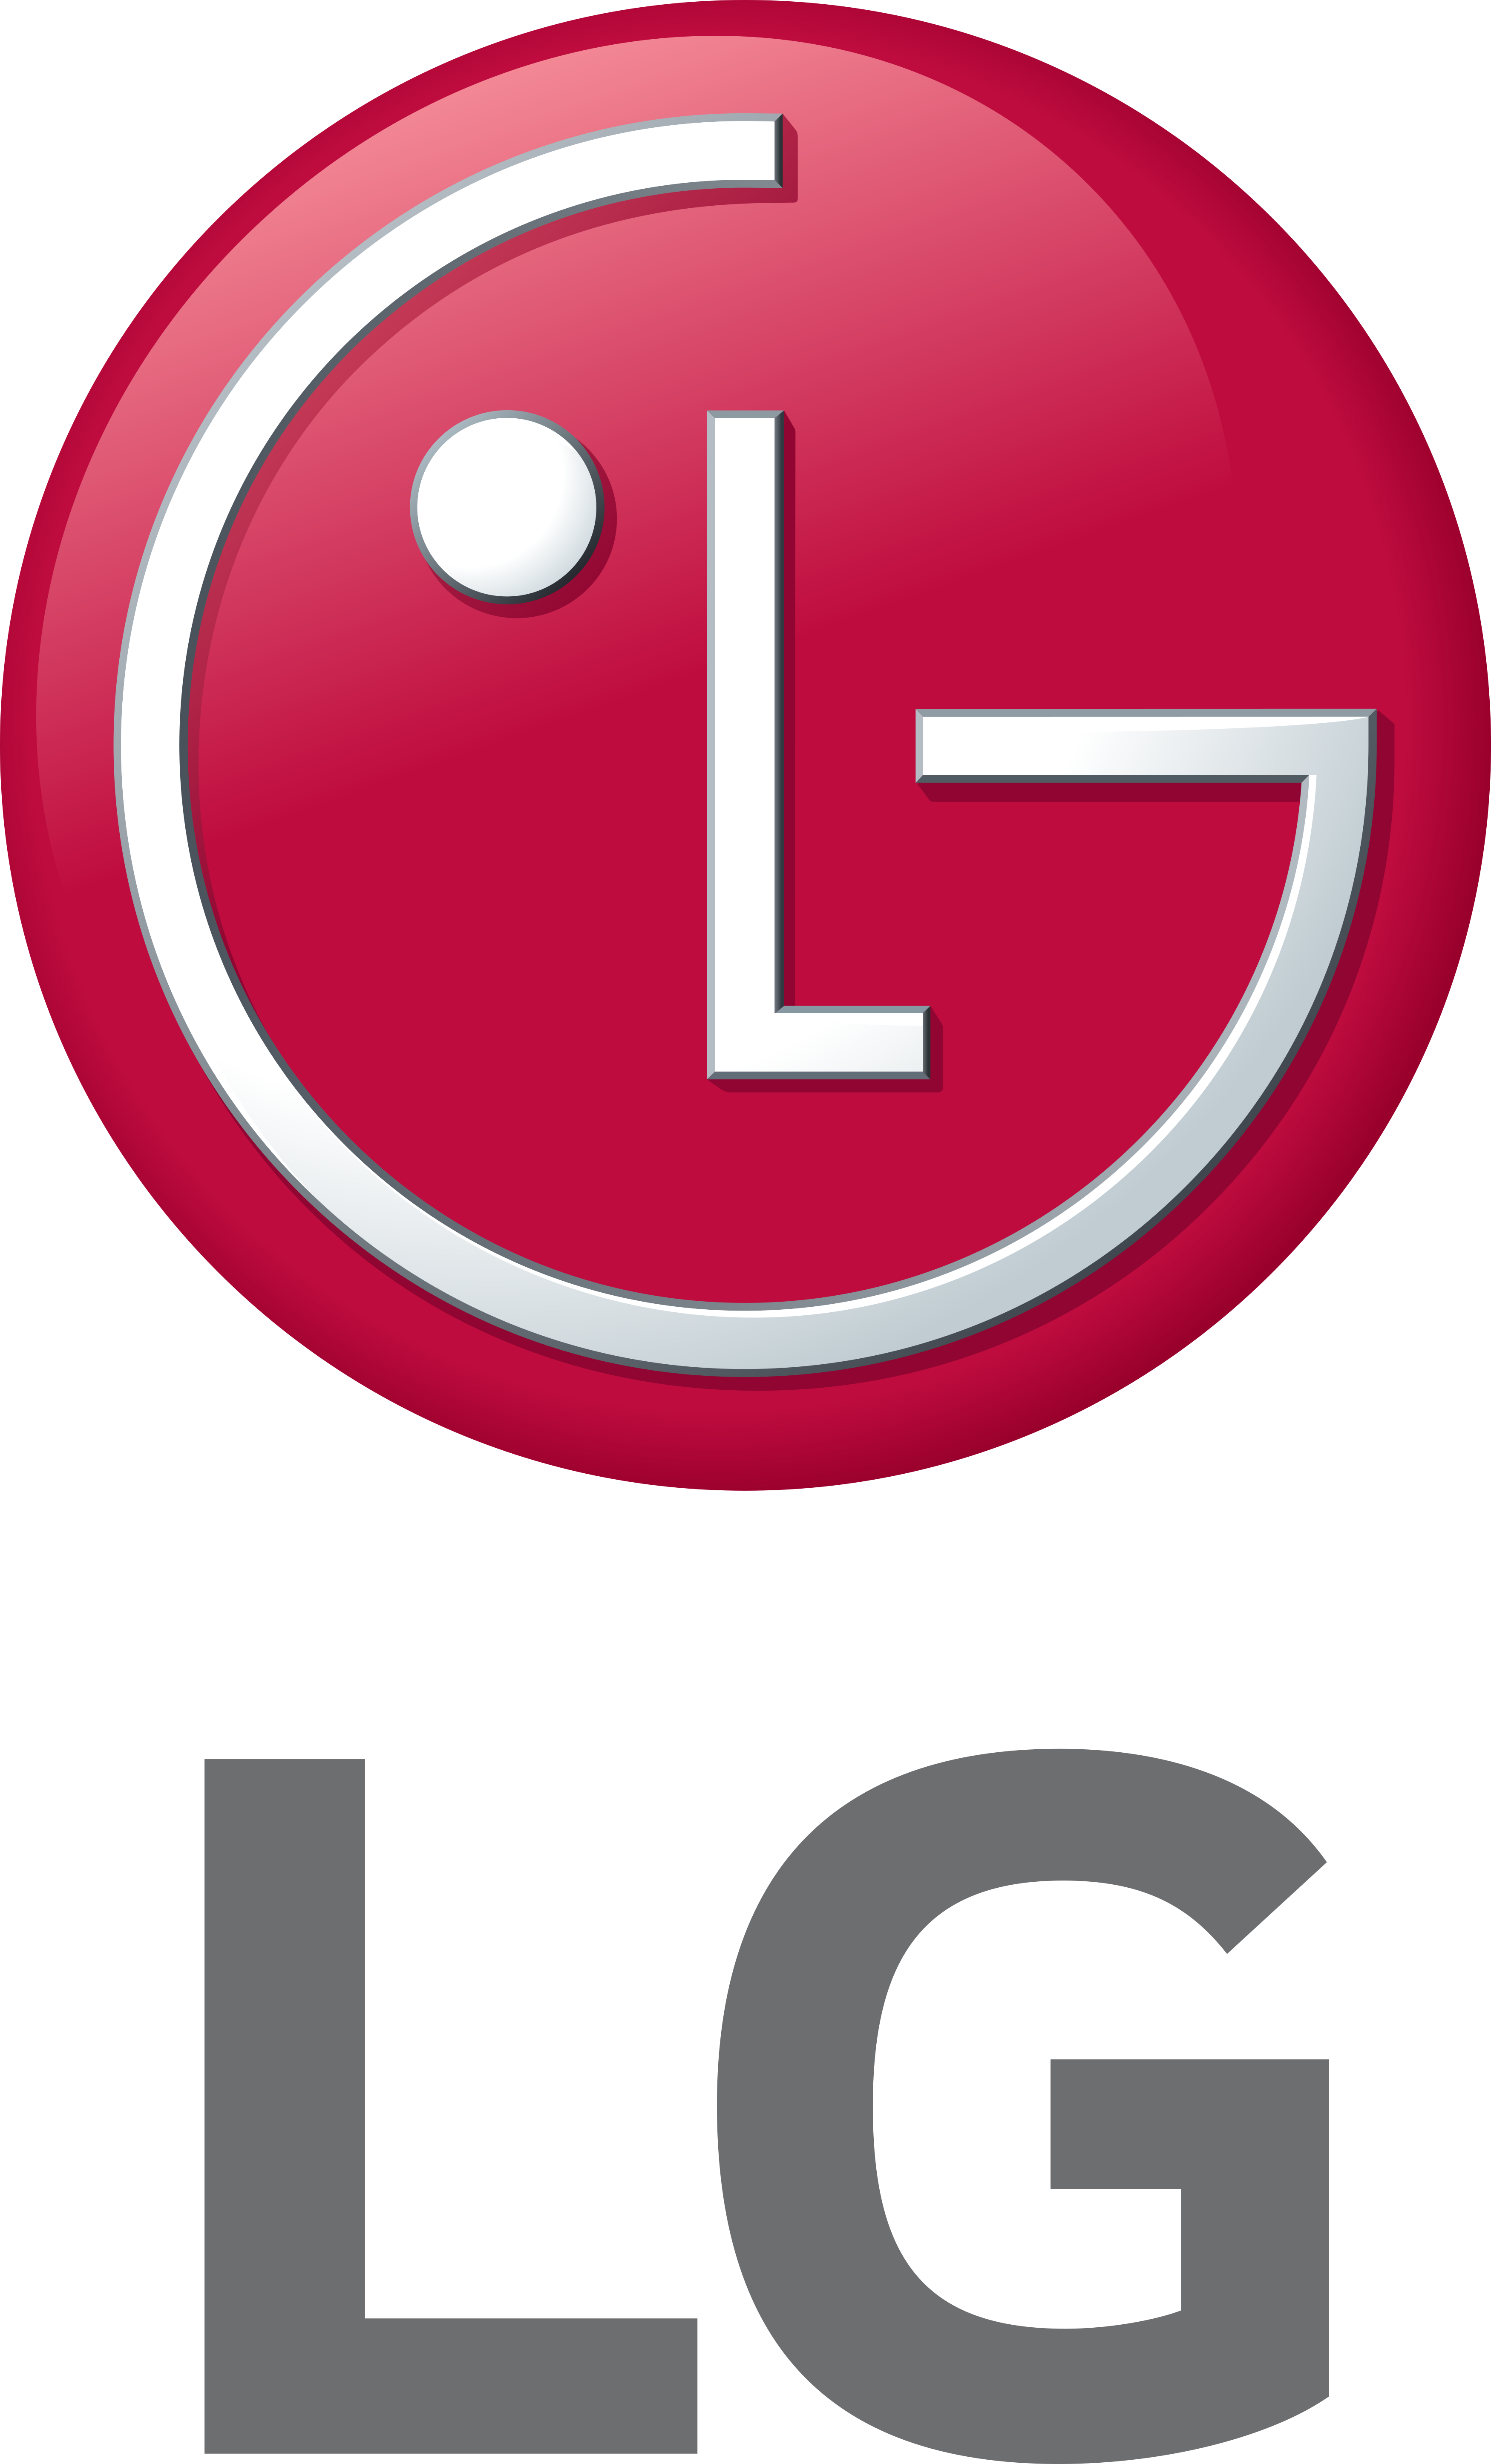 lg logo 2 - LG Logo